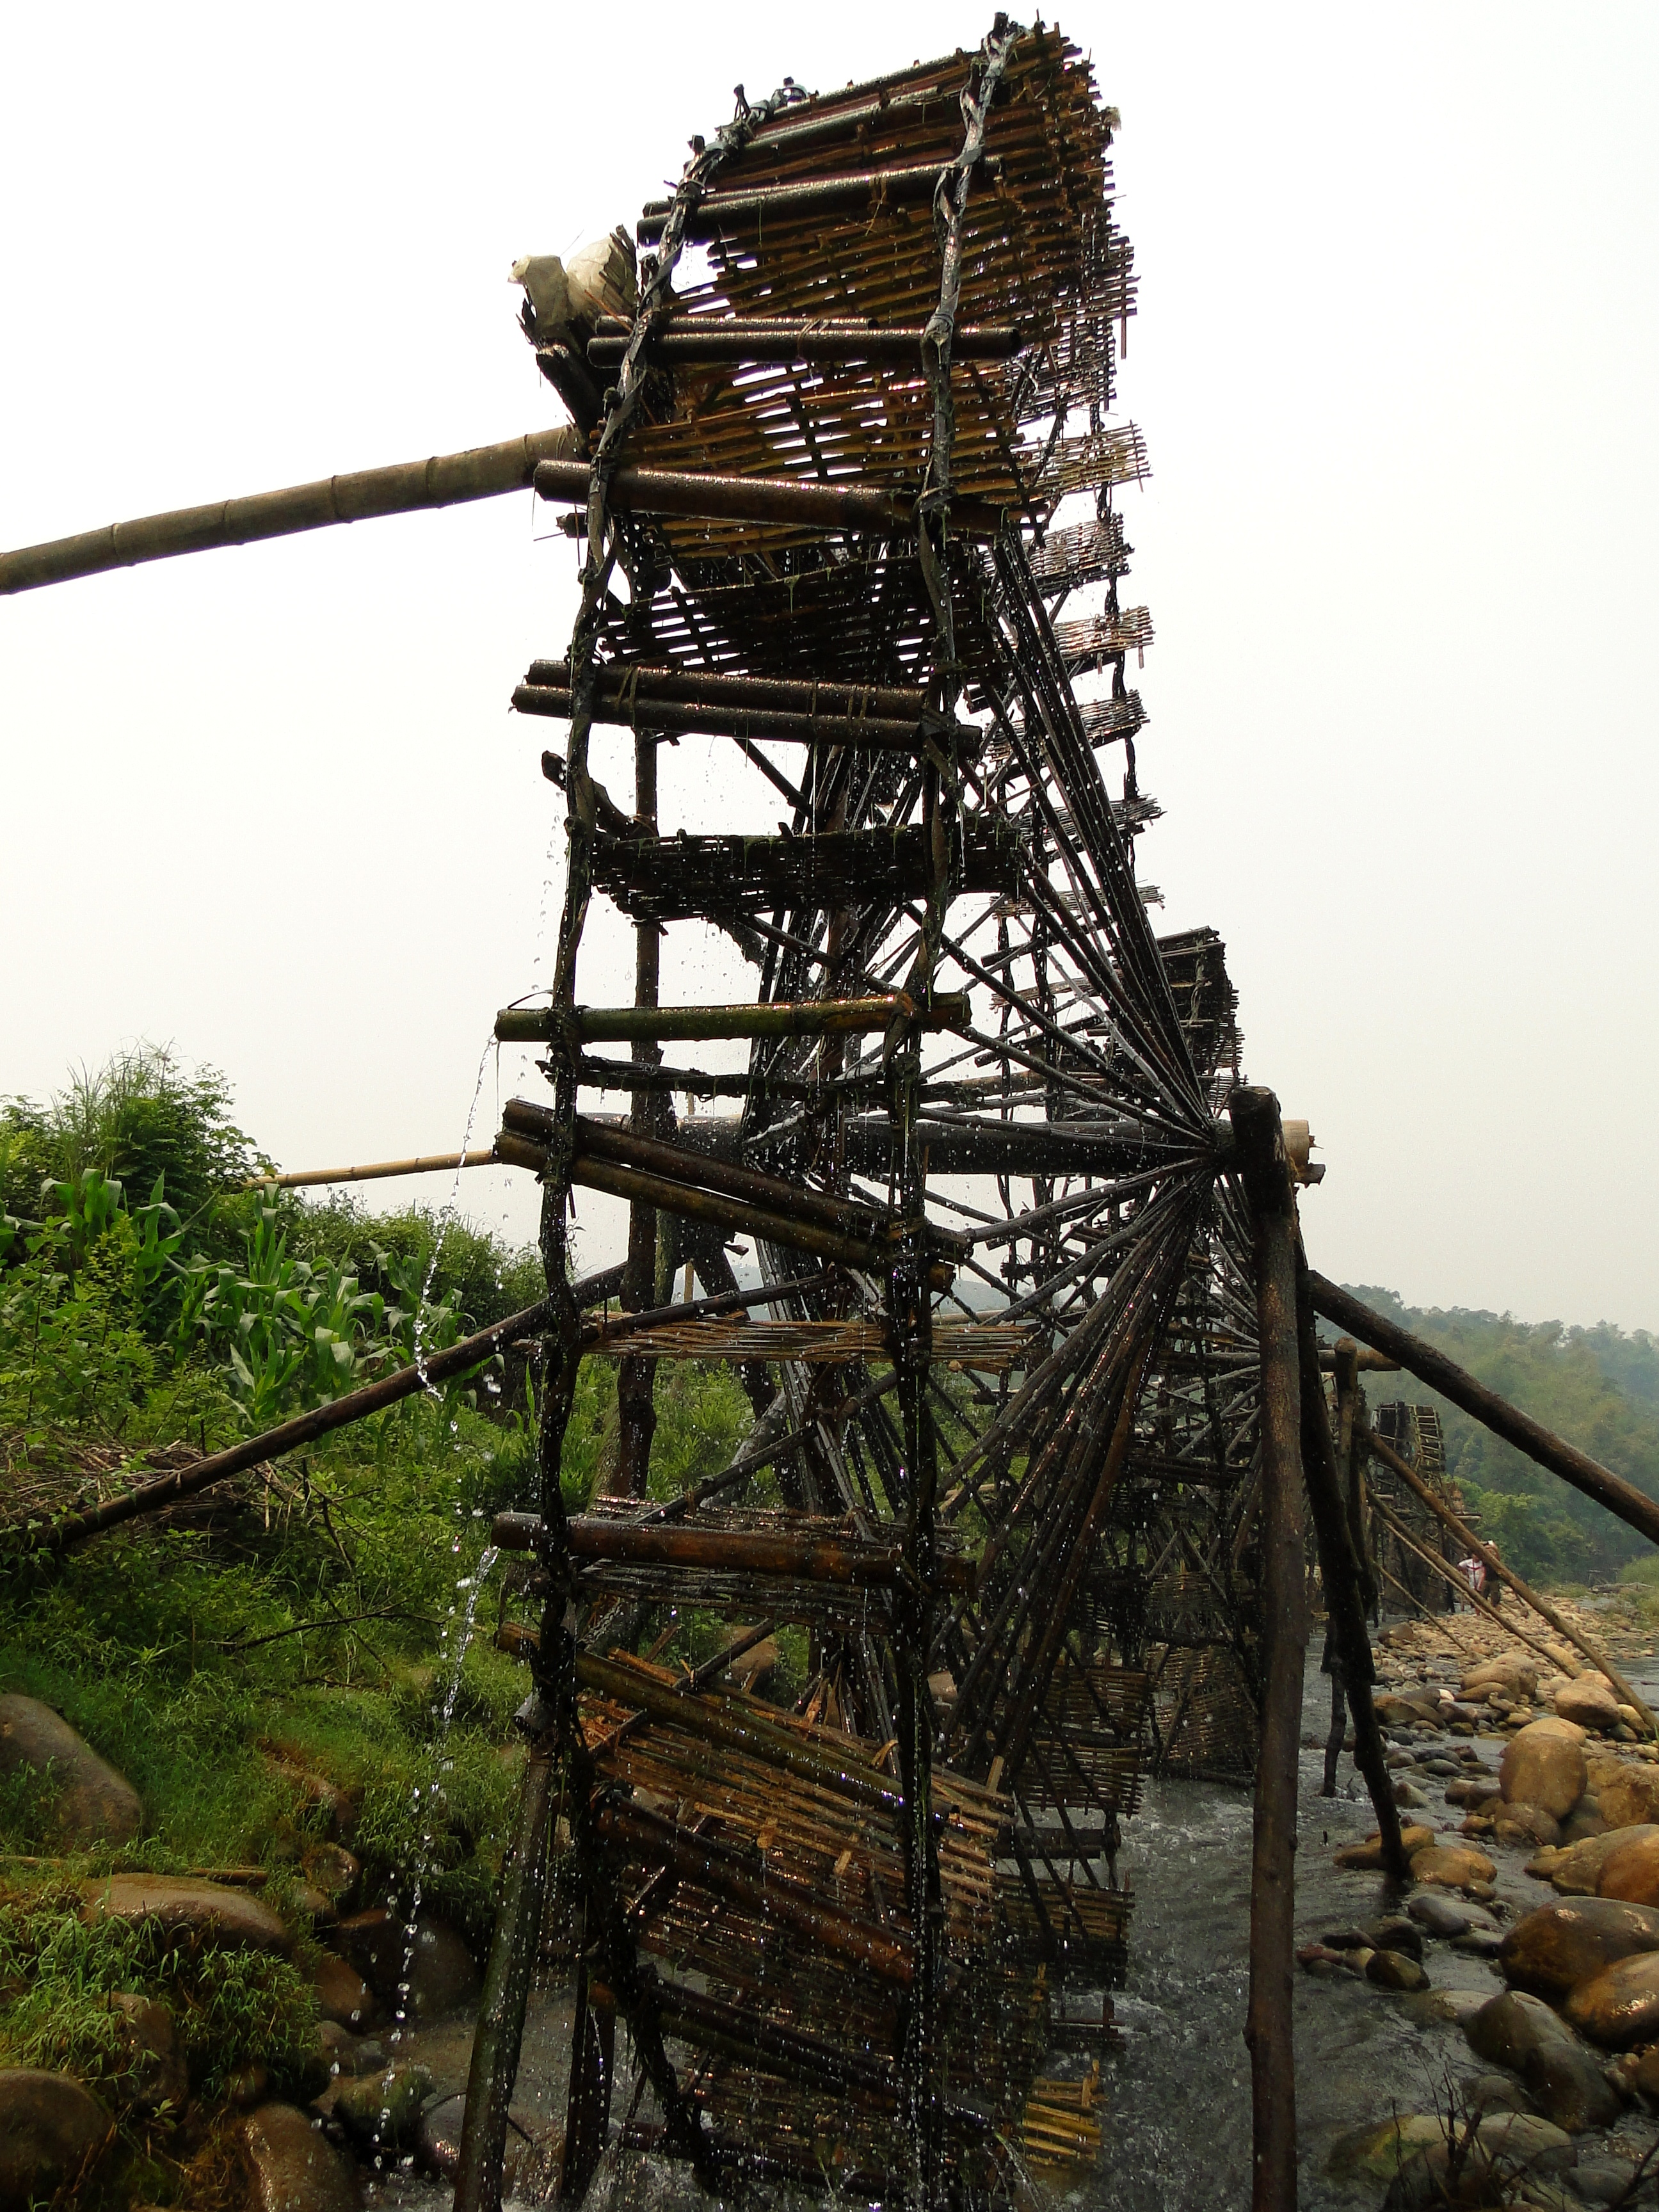 jentera air di kecamatan ban bo-bangunan yang kreatif dan  unik dari warga etnis-etnis provinsi lai chau hinh 4